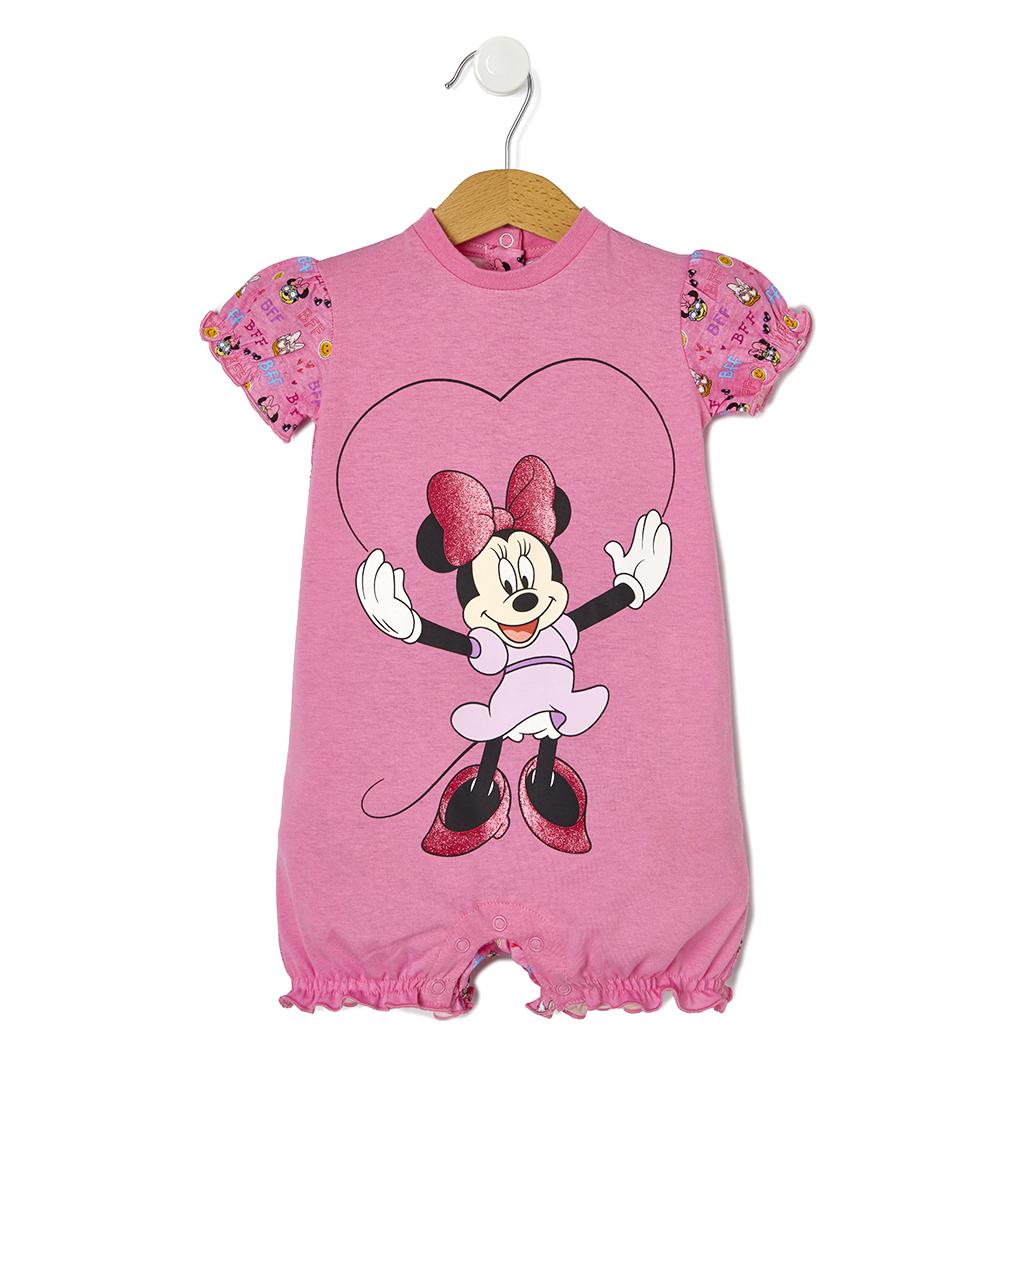 Πιτζάμα Ολόσωμη Jersey Ροζ με Στάμπα Minnie για Κορίτσι